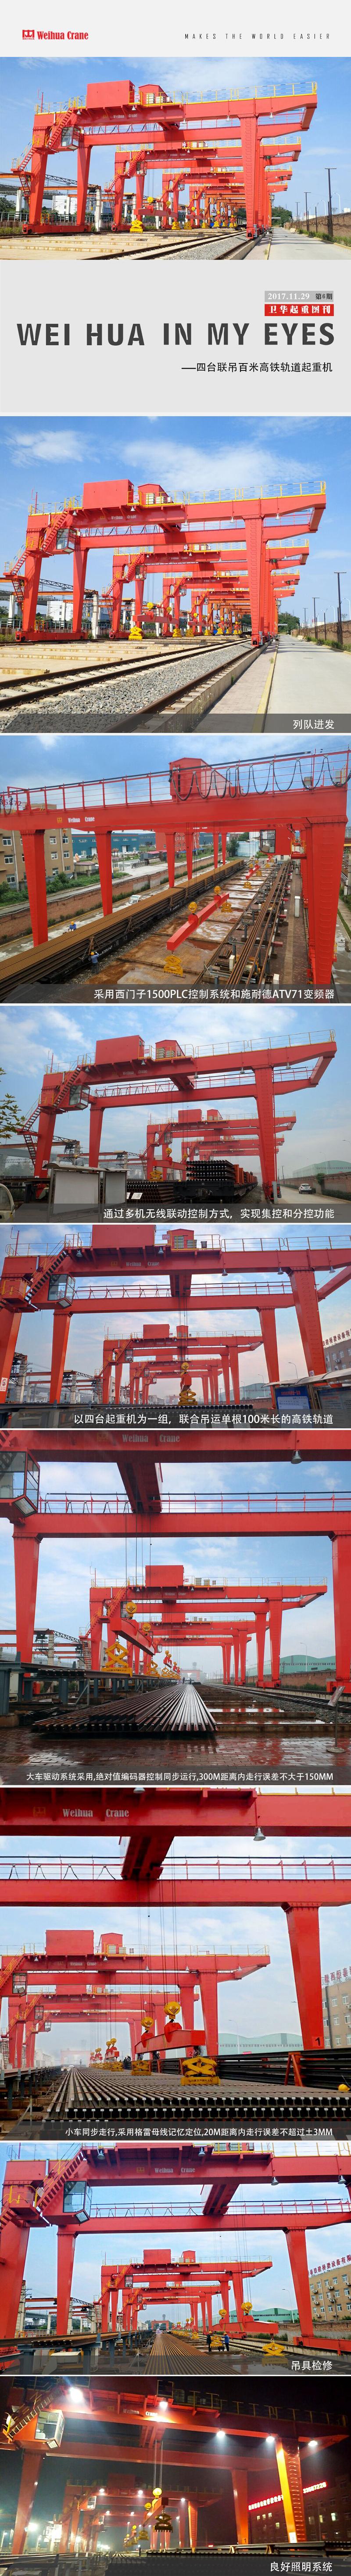 rmg-steel-rail-track-handling